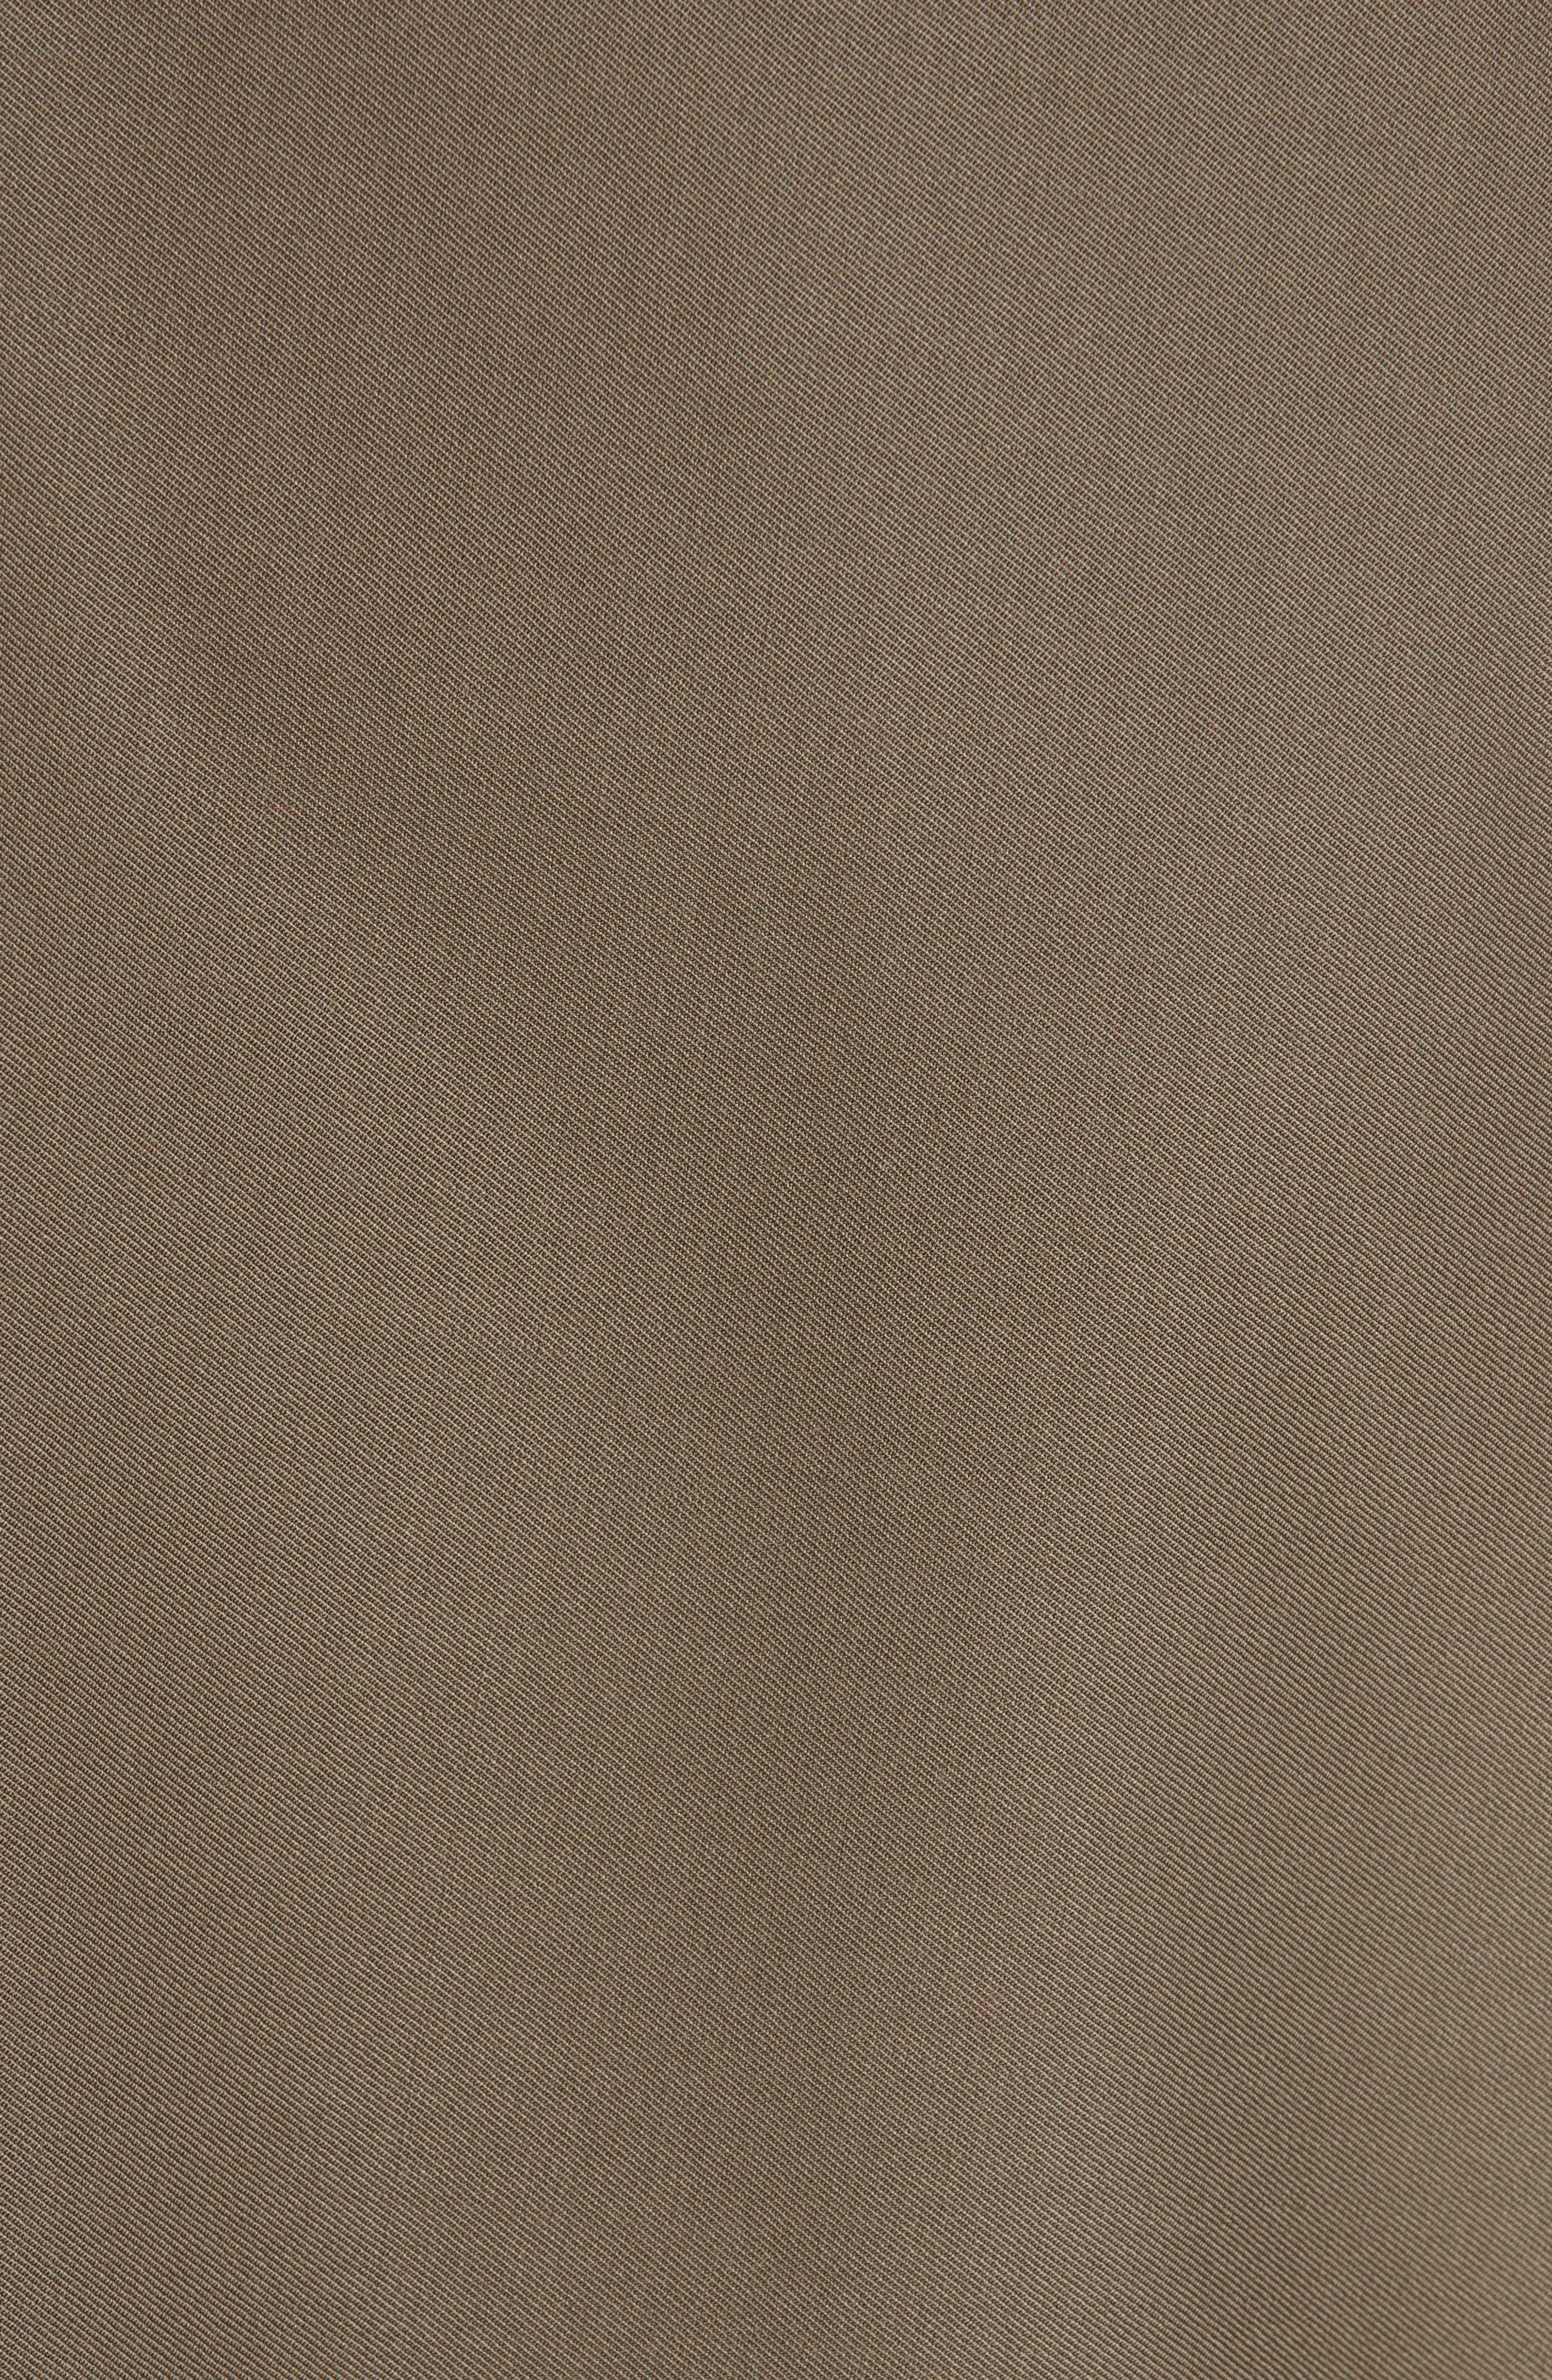 Mixed Media Wool & Cotton T-Shirt Dress,                             Alternate thumbnail 5, color,                             FIR GREEN